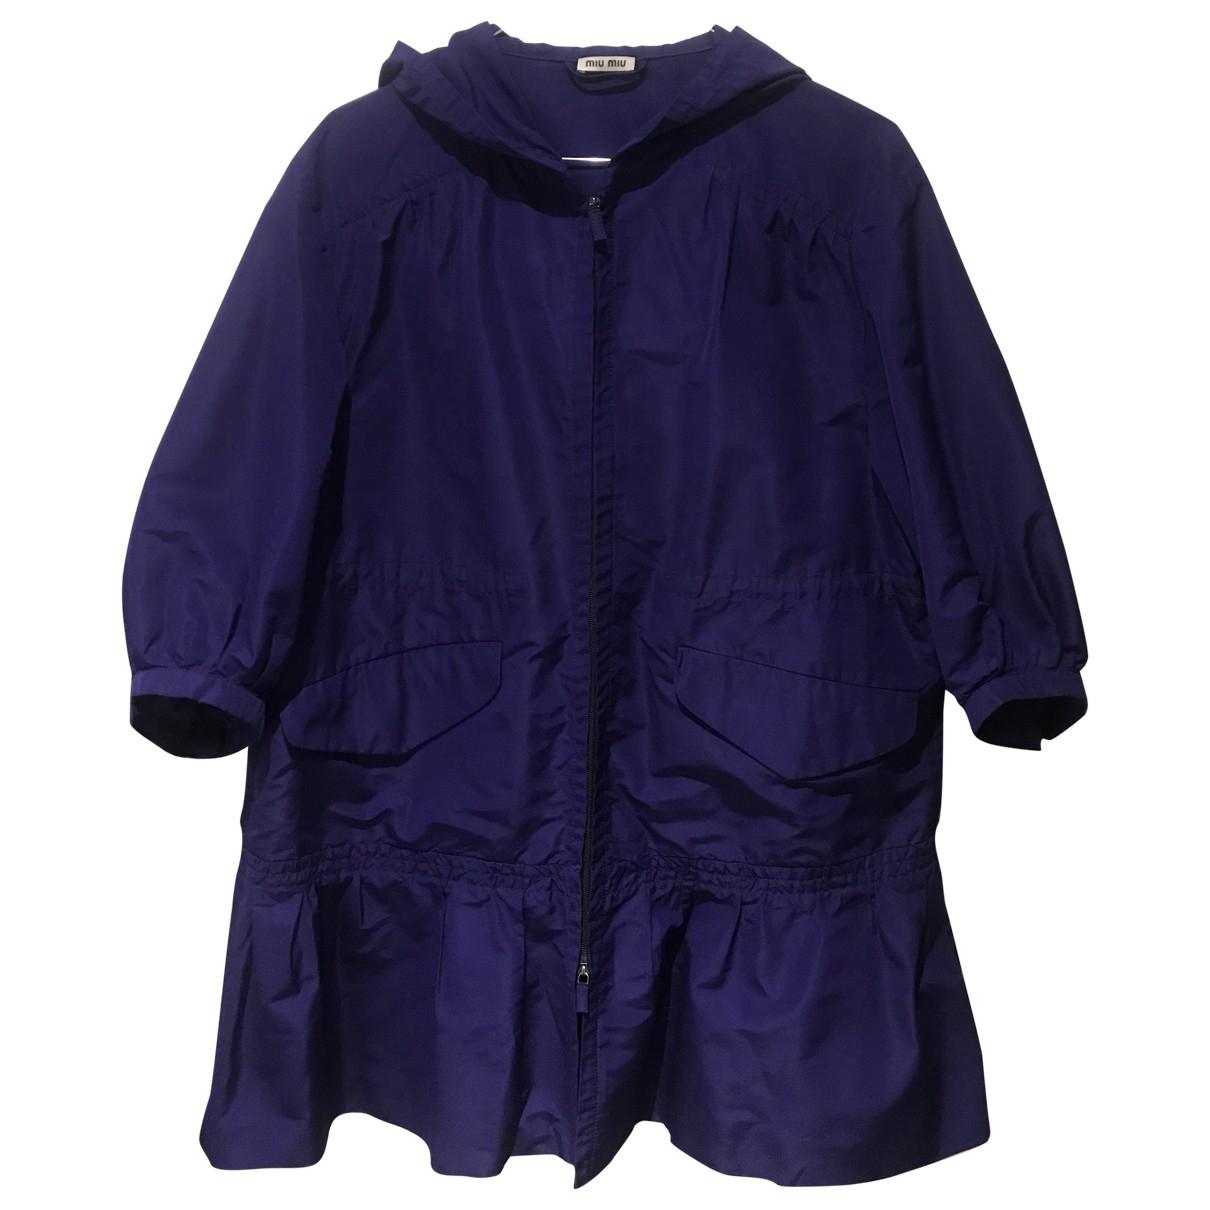 Miu Miu N Purple coat for Women 44 FR